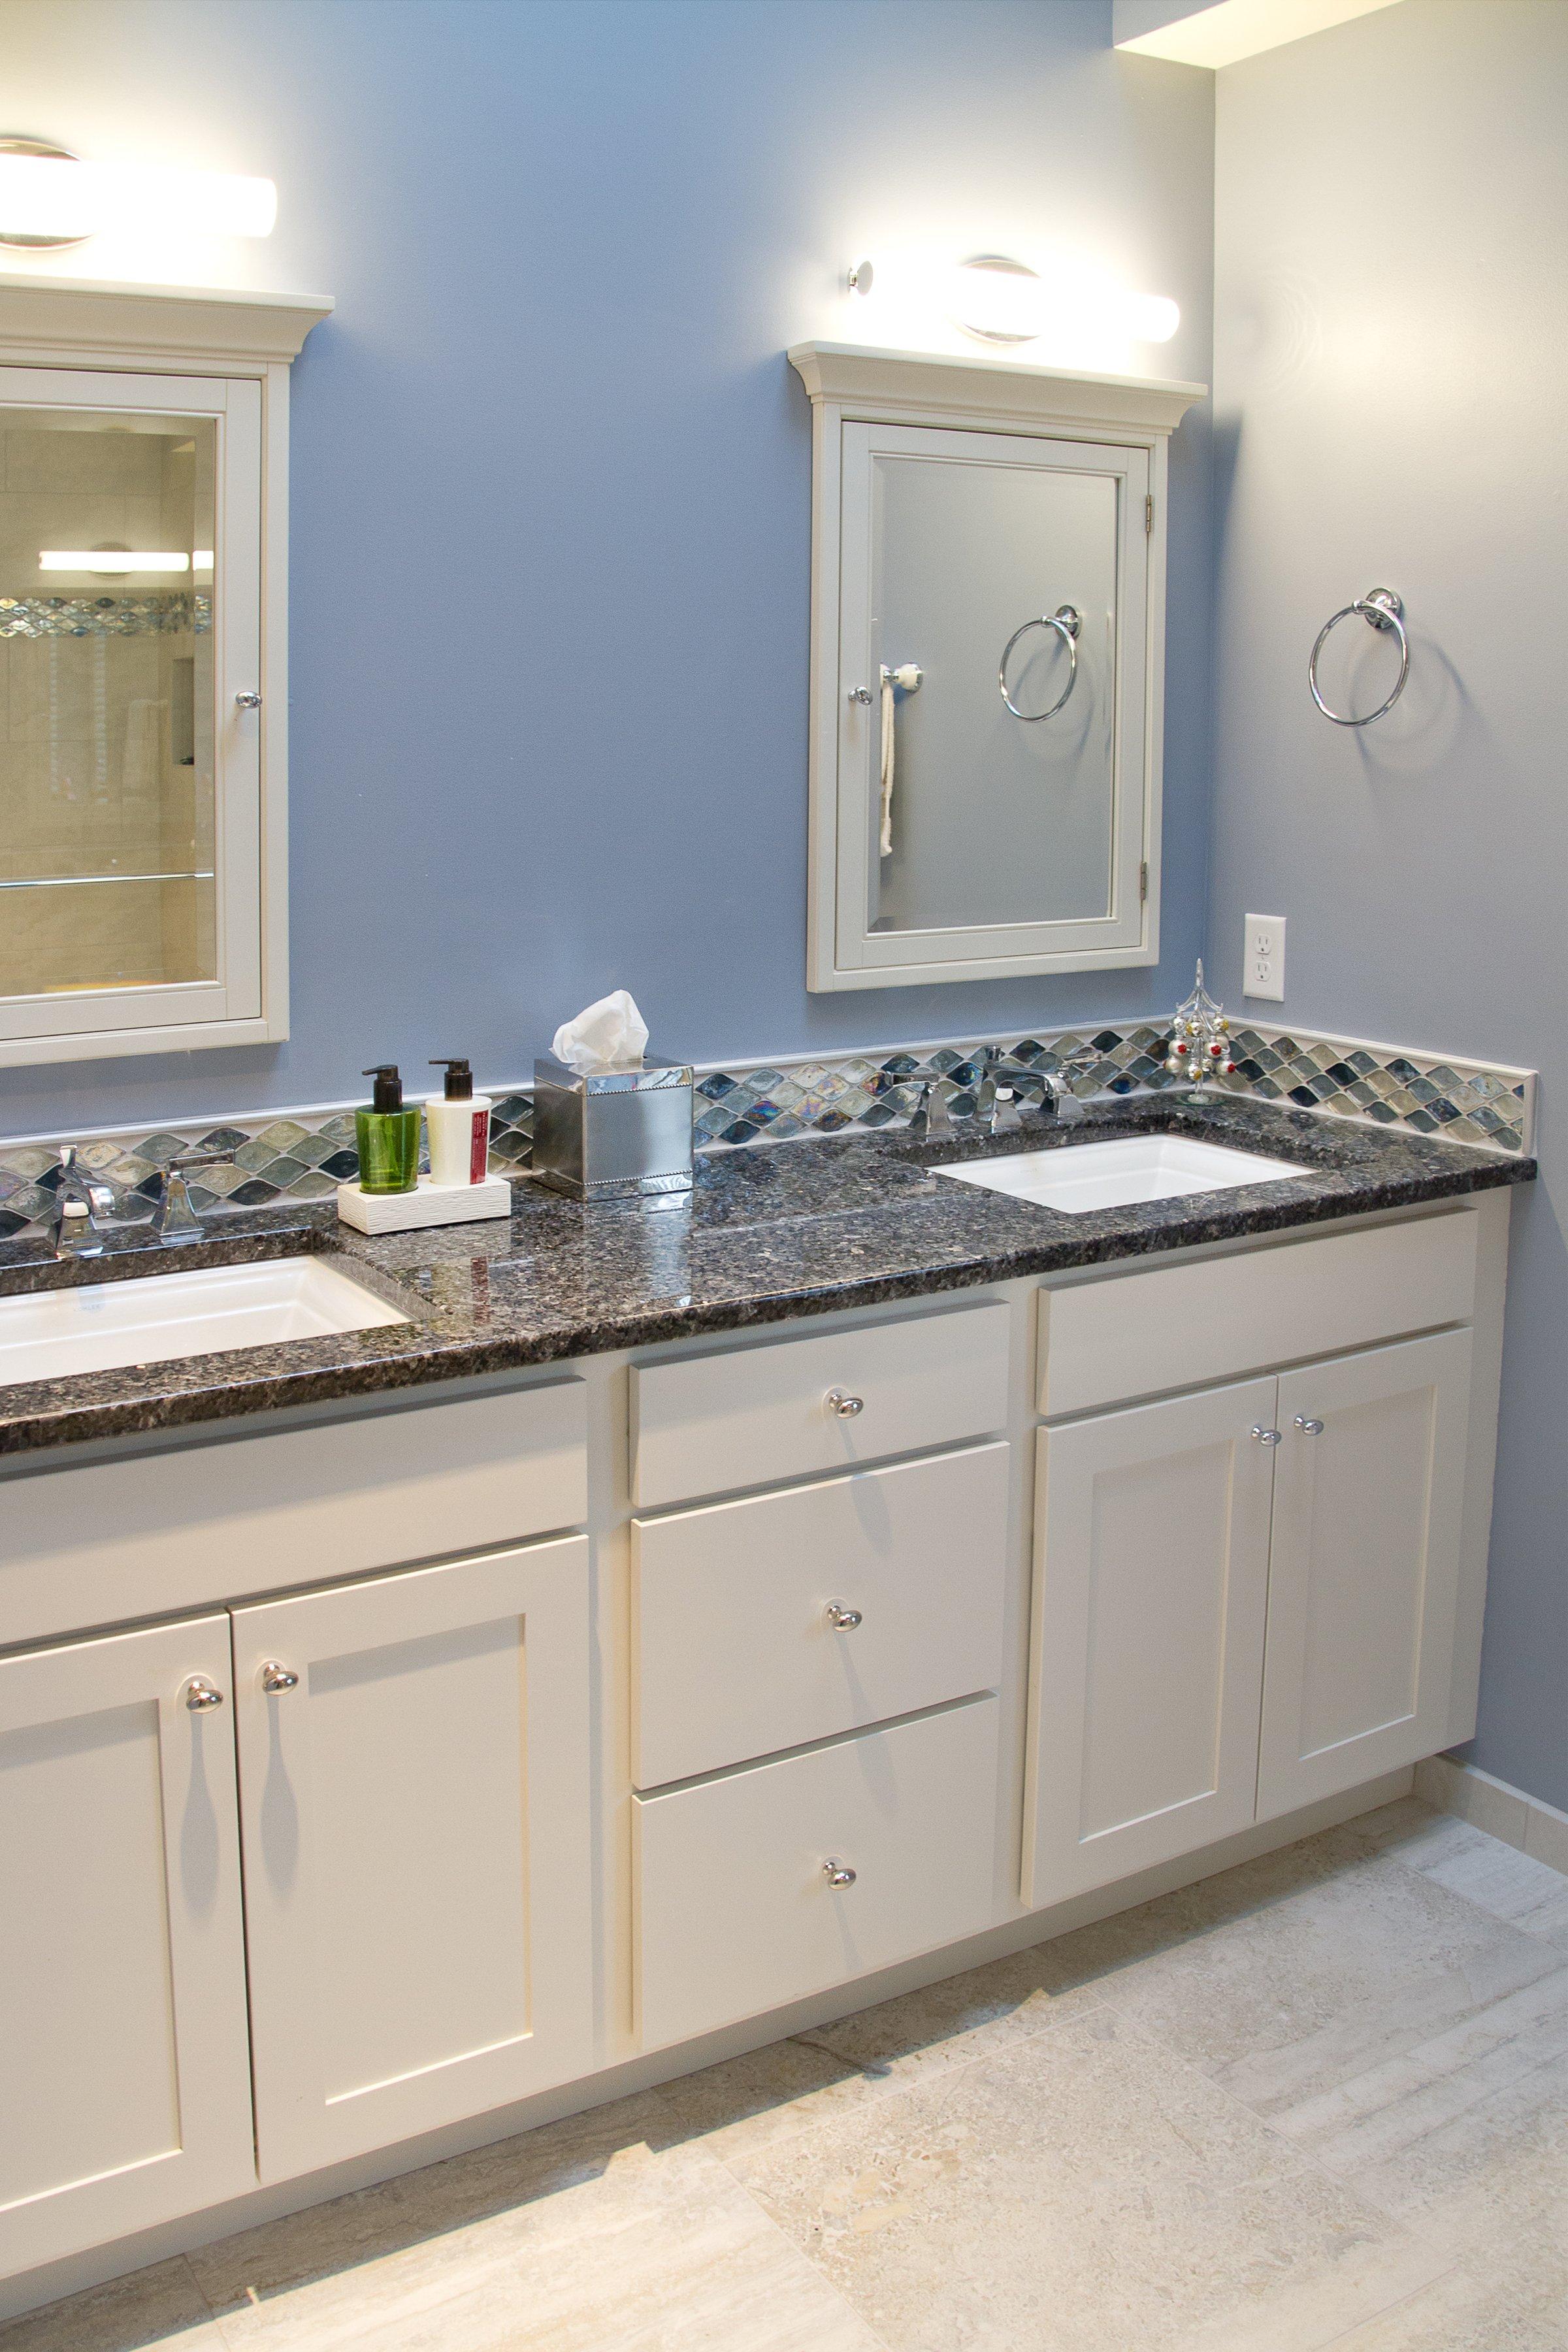 Bathroom Design, traditional bathroom design, blue pearl granite countertop, white vanity design, double sink vanity, kohler memoirs sinks, kohler memoirs faucets